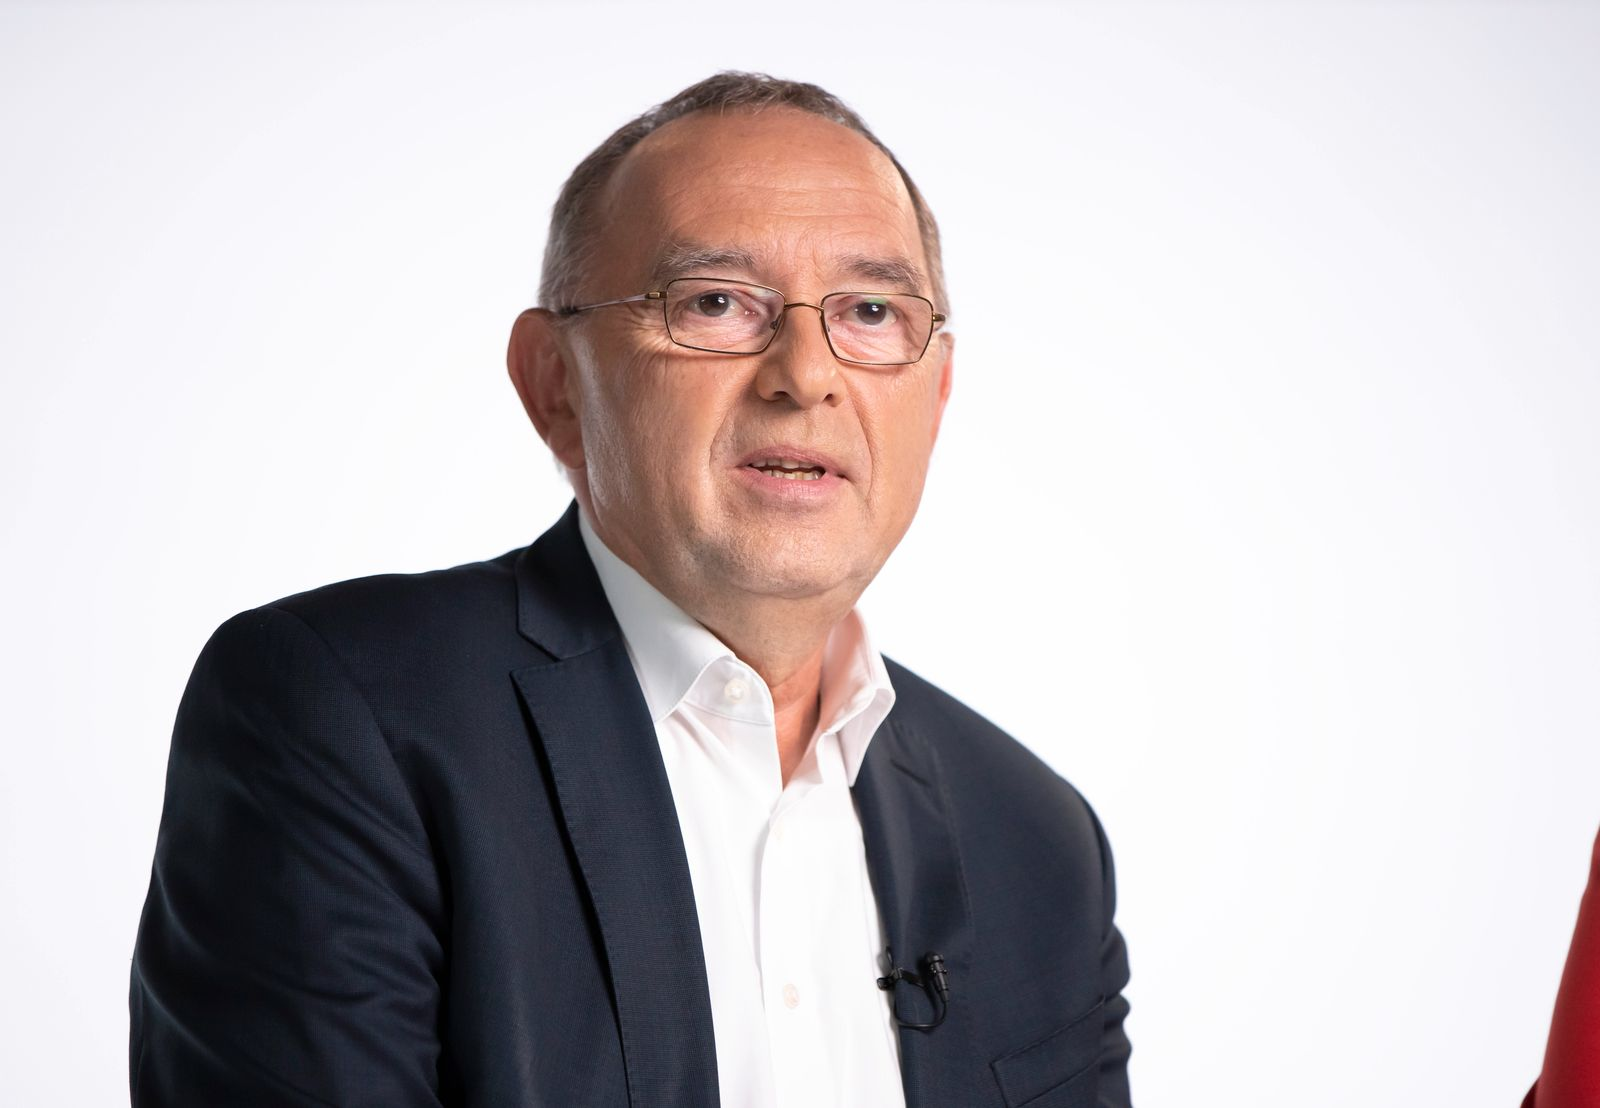 SPD party chairmanship